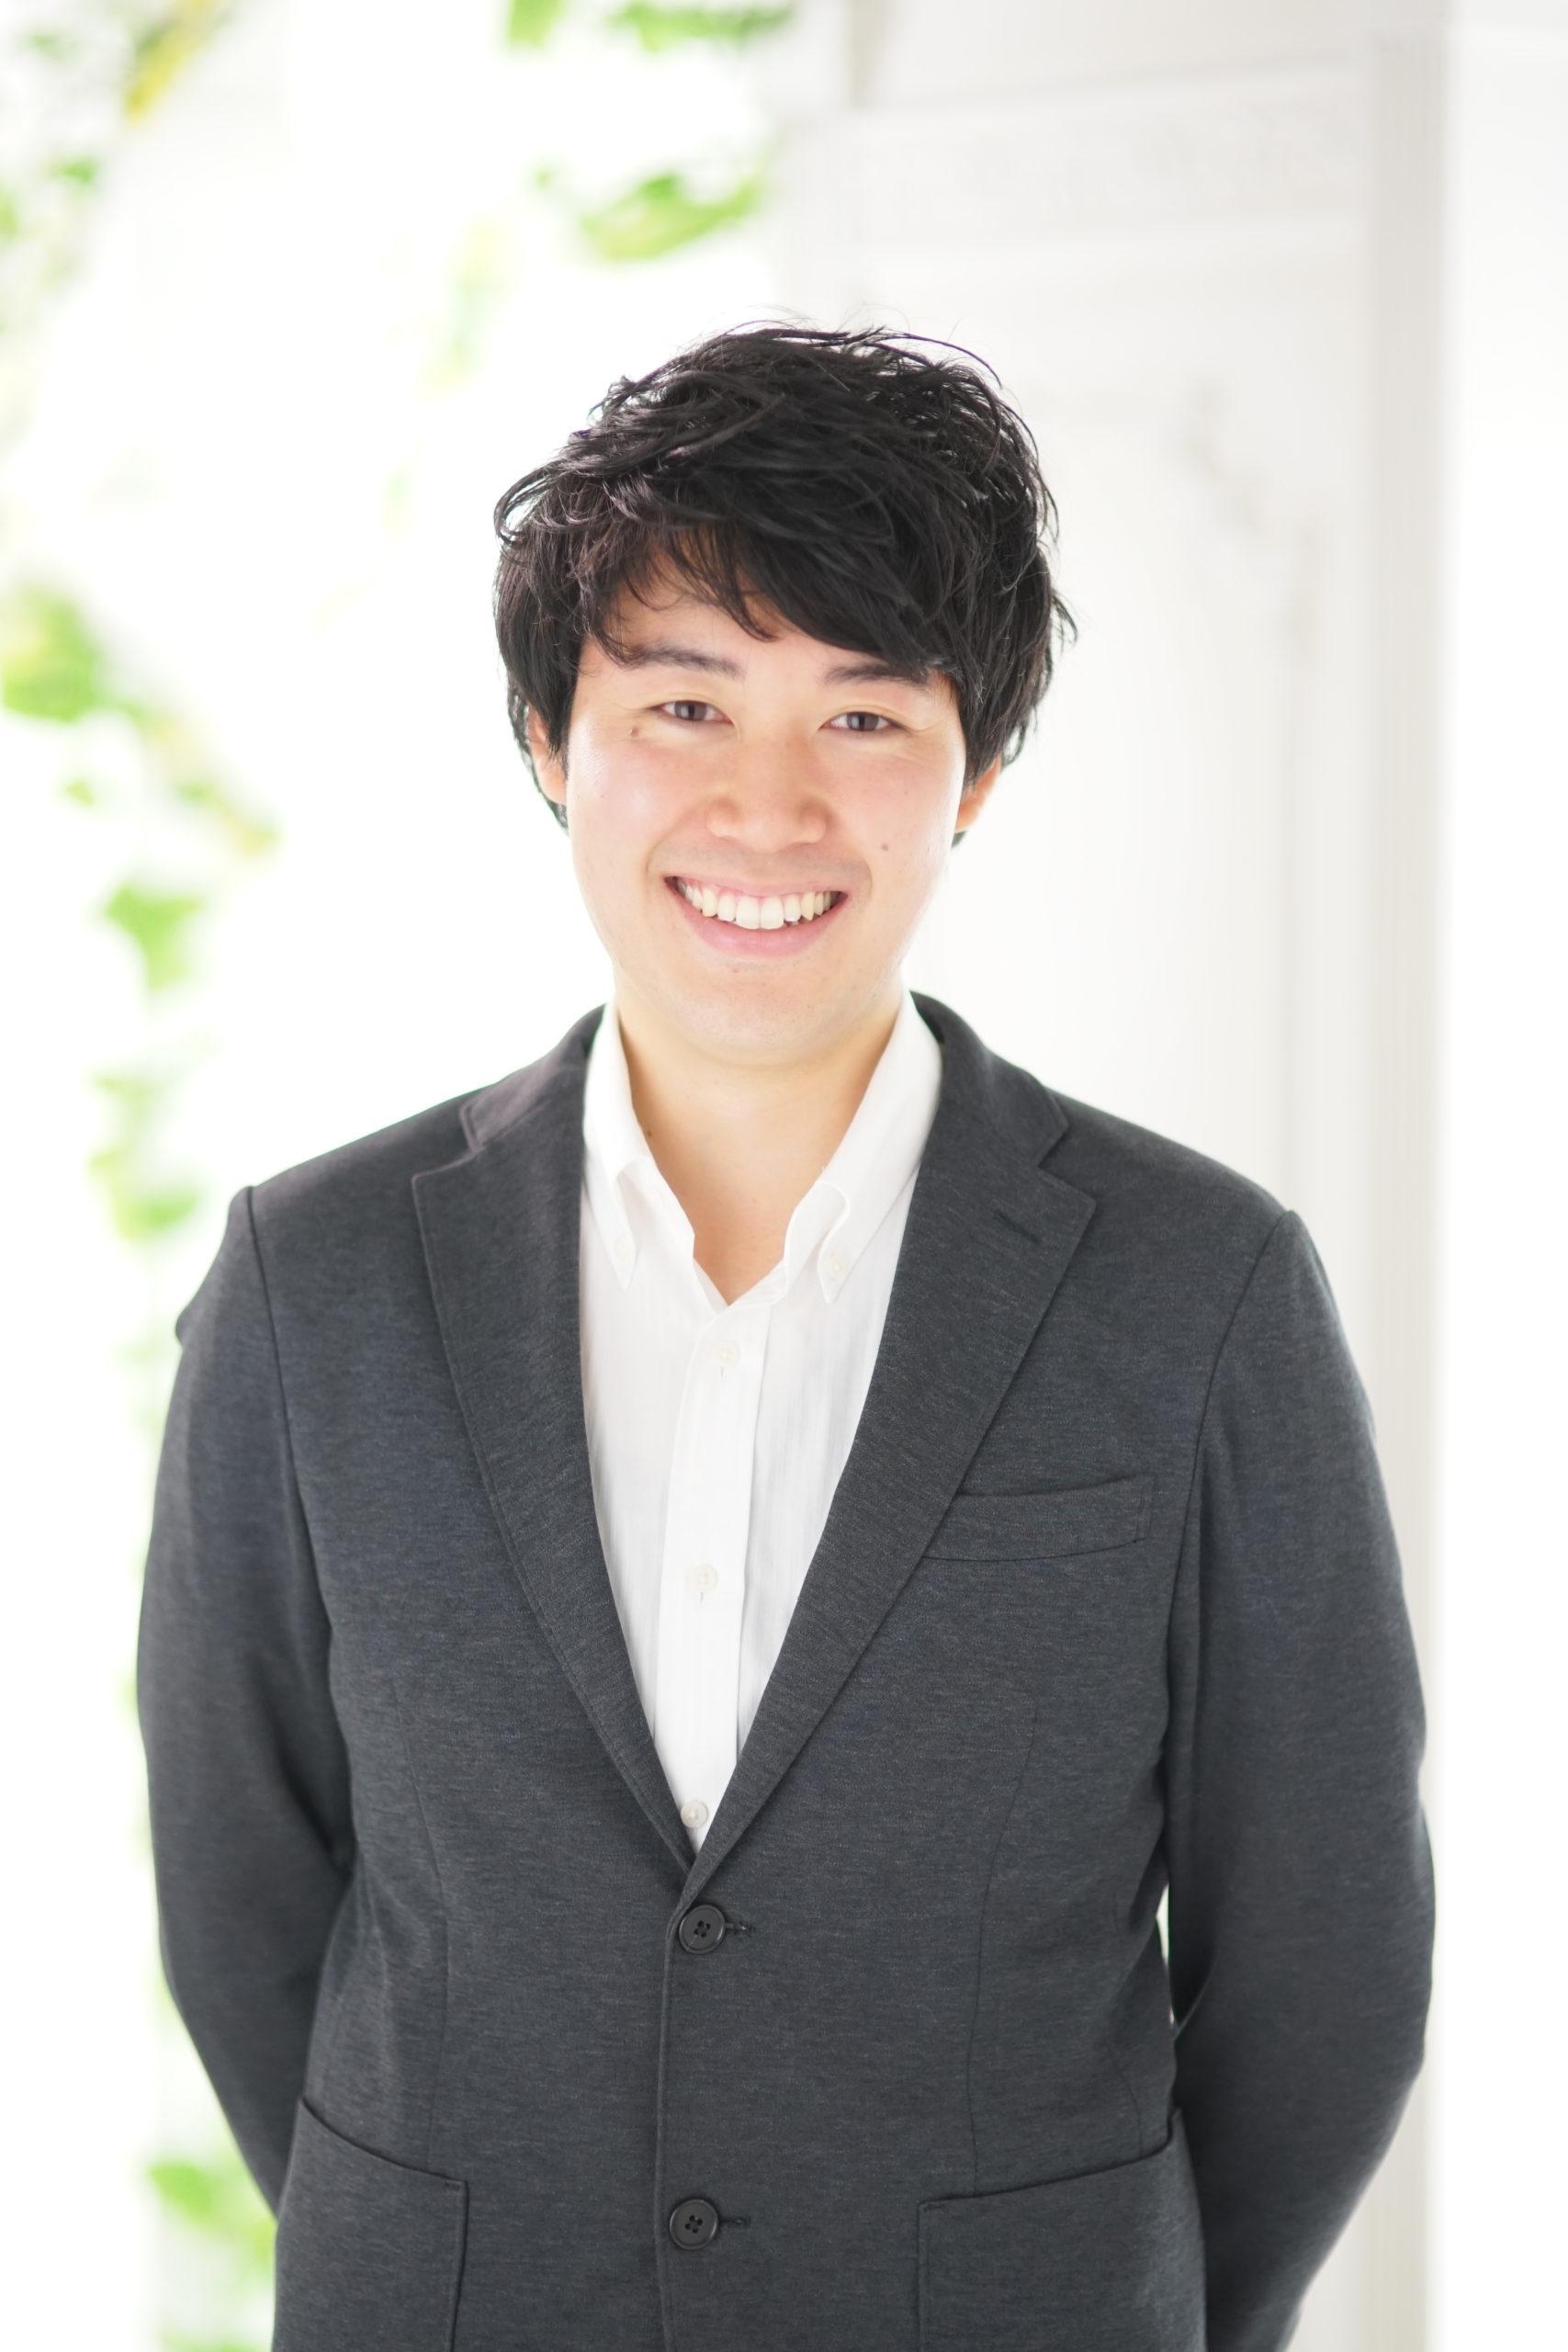 岡本康清のスタッフ紹介ページを作成しました。